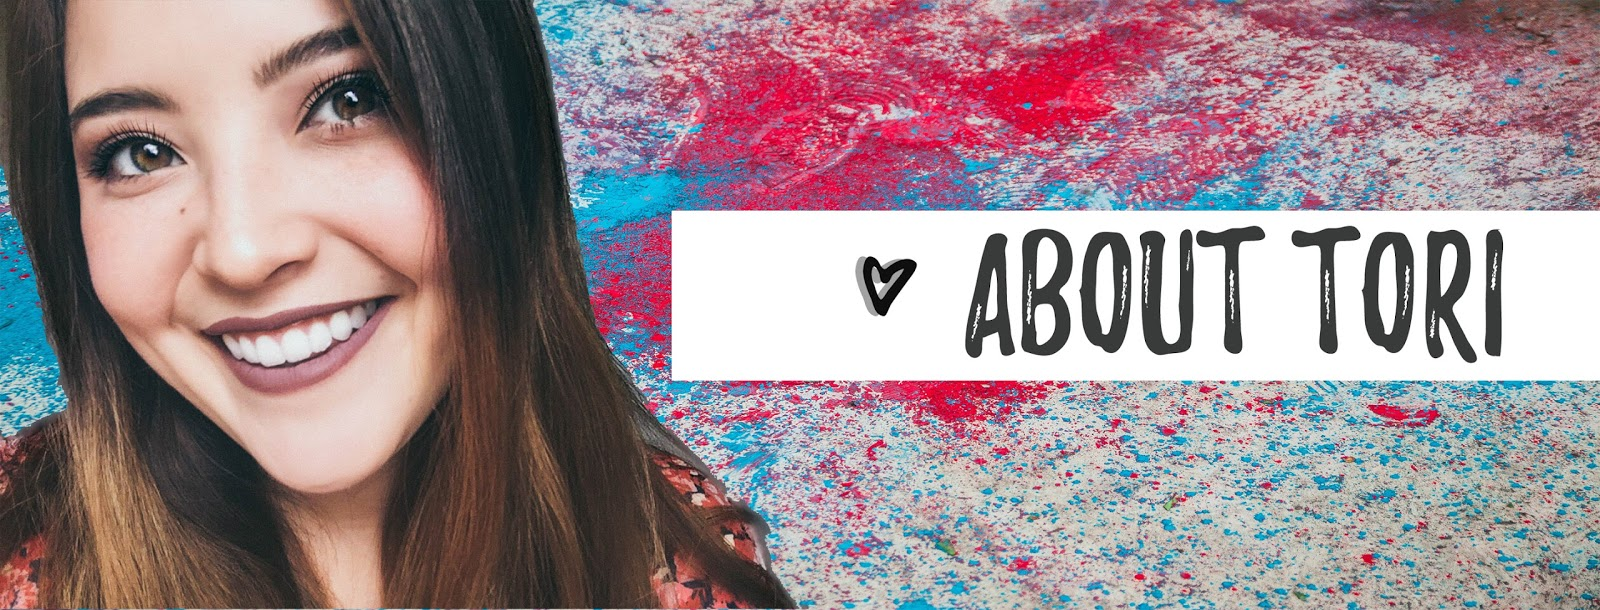 Toronto Canada Lifestyle Blogger Influencer Tori Sung